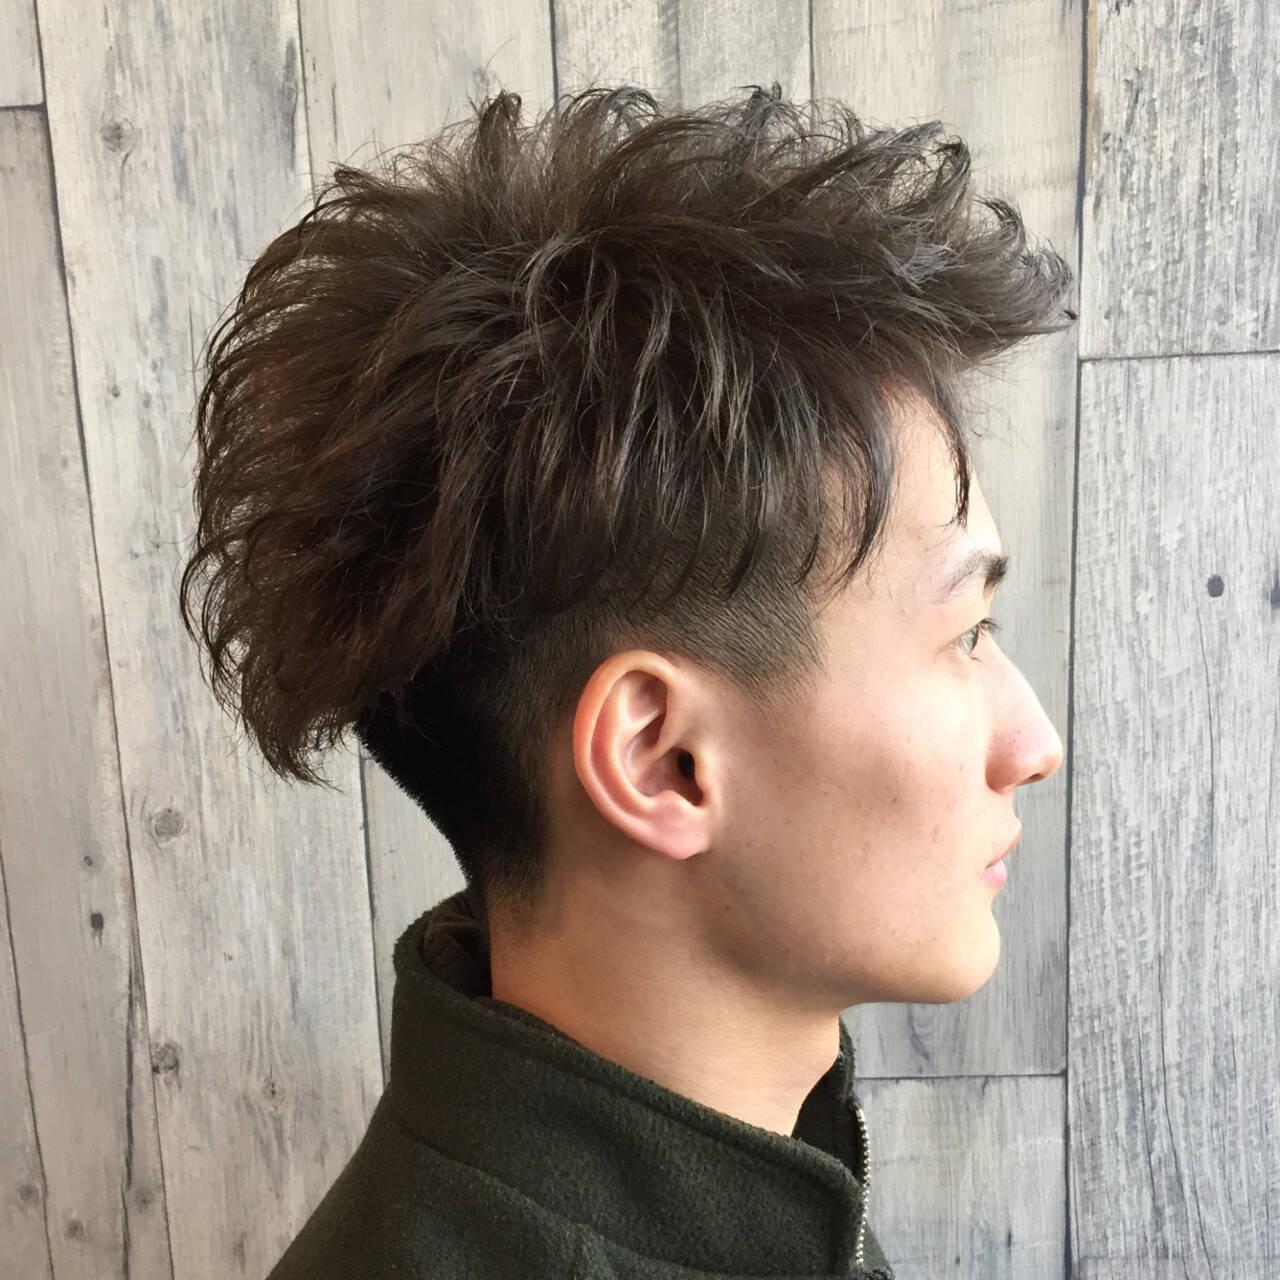 アッシュグレー メンズ 2ブロック ブリーチヘアスタイルや髪型の写真・画像